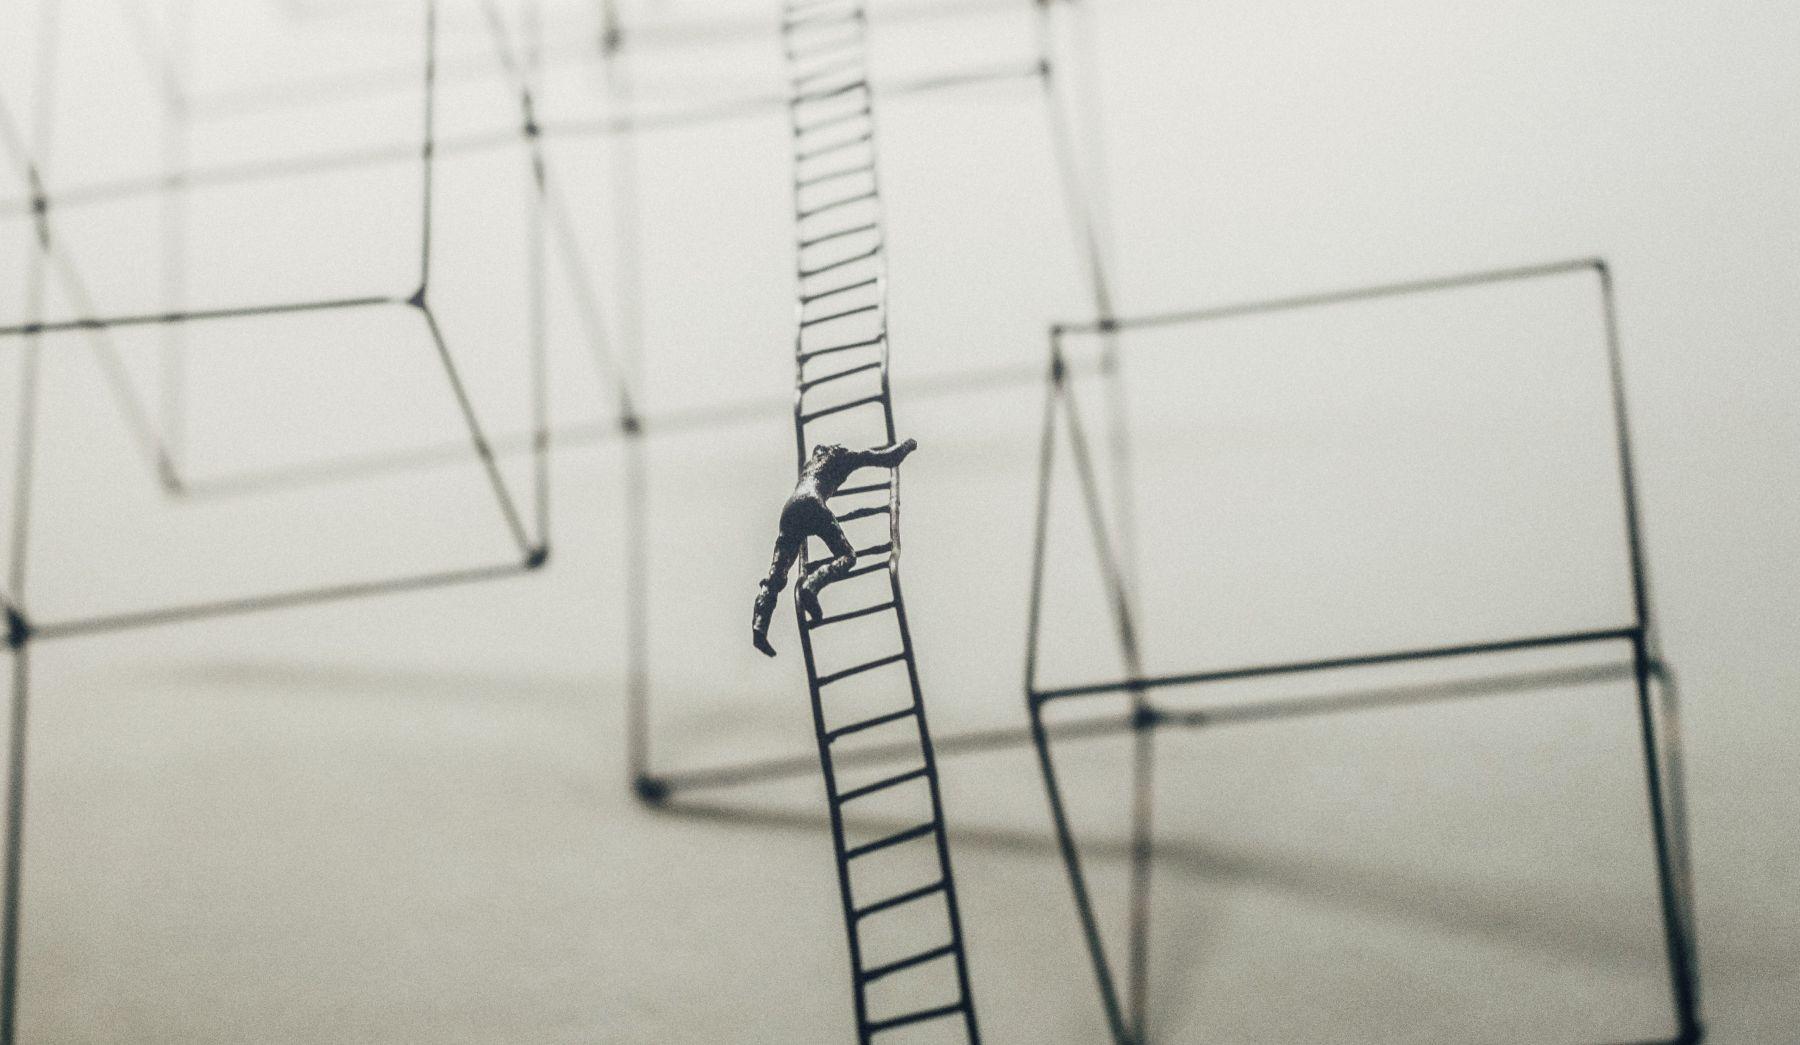 In den meisten Unternehmen ist die Karriere wie eine Leiter. Sie ist der einzige Weg nach oben – und fordert Qualitäten, die letztlich wenig zu tun haben mit der Arbeit, wegen der man befördert wurde.